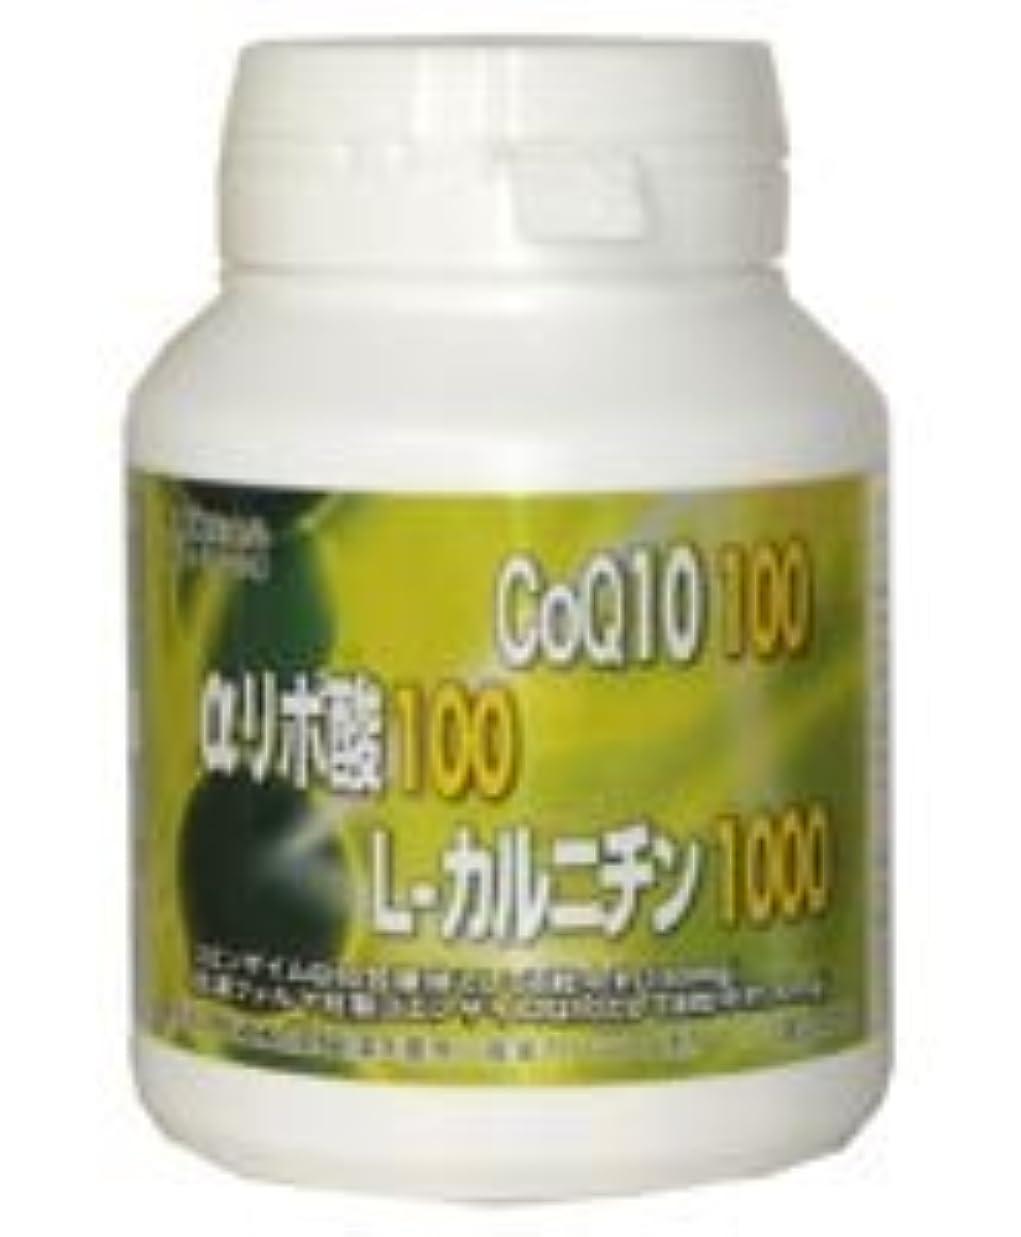 発行フェードアウト刃CoQ10 100+αリポ酸100+L-カルニチン1000